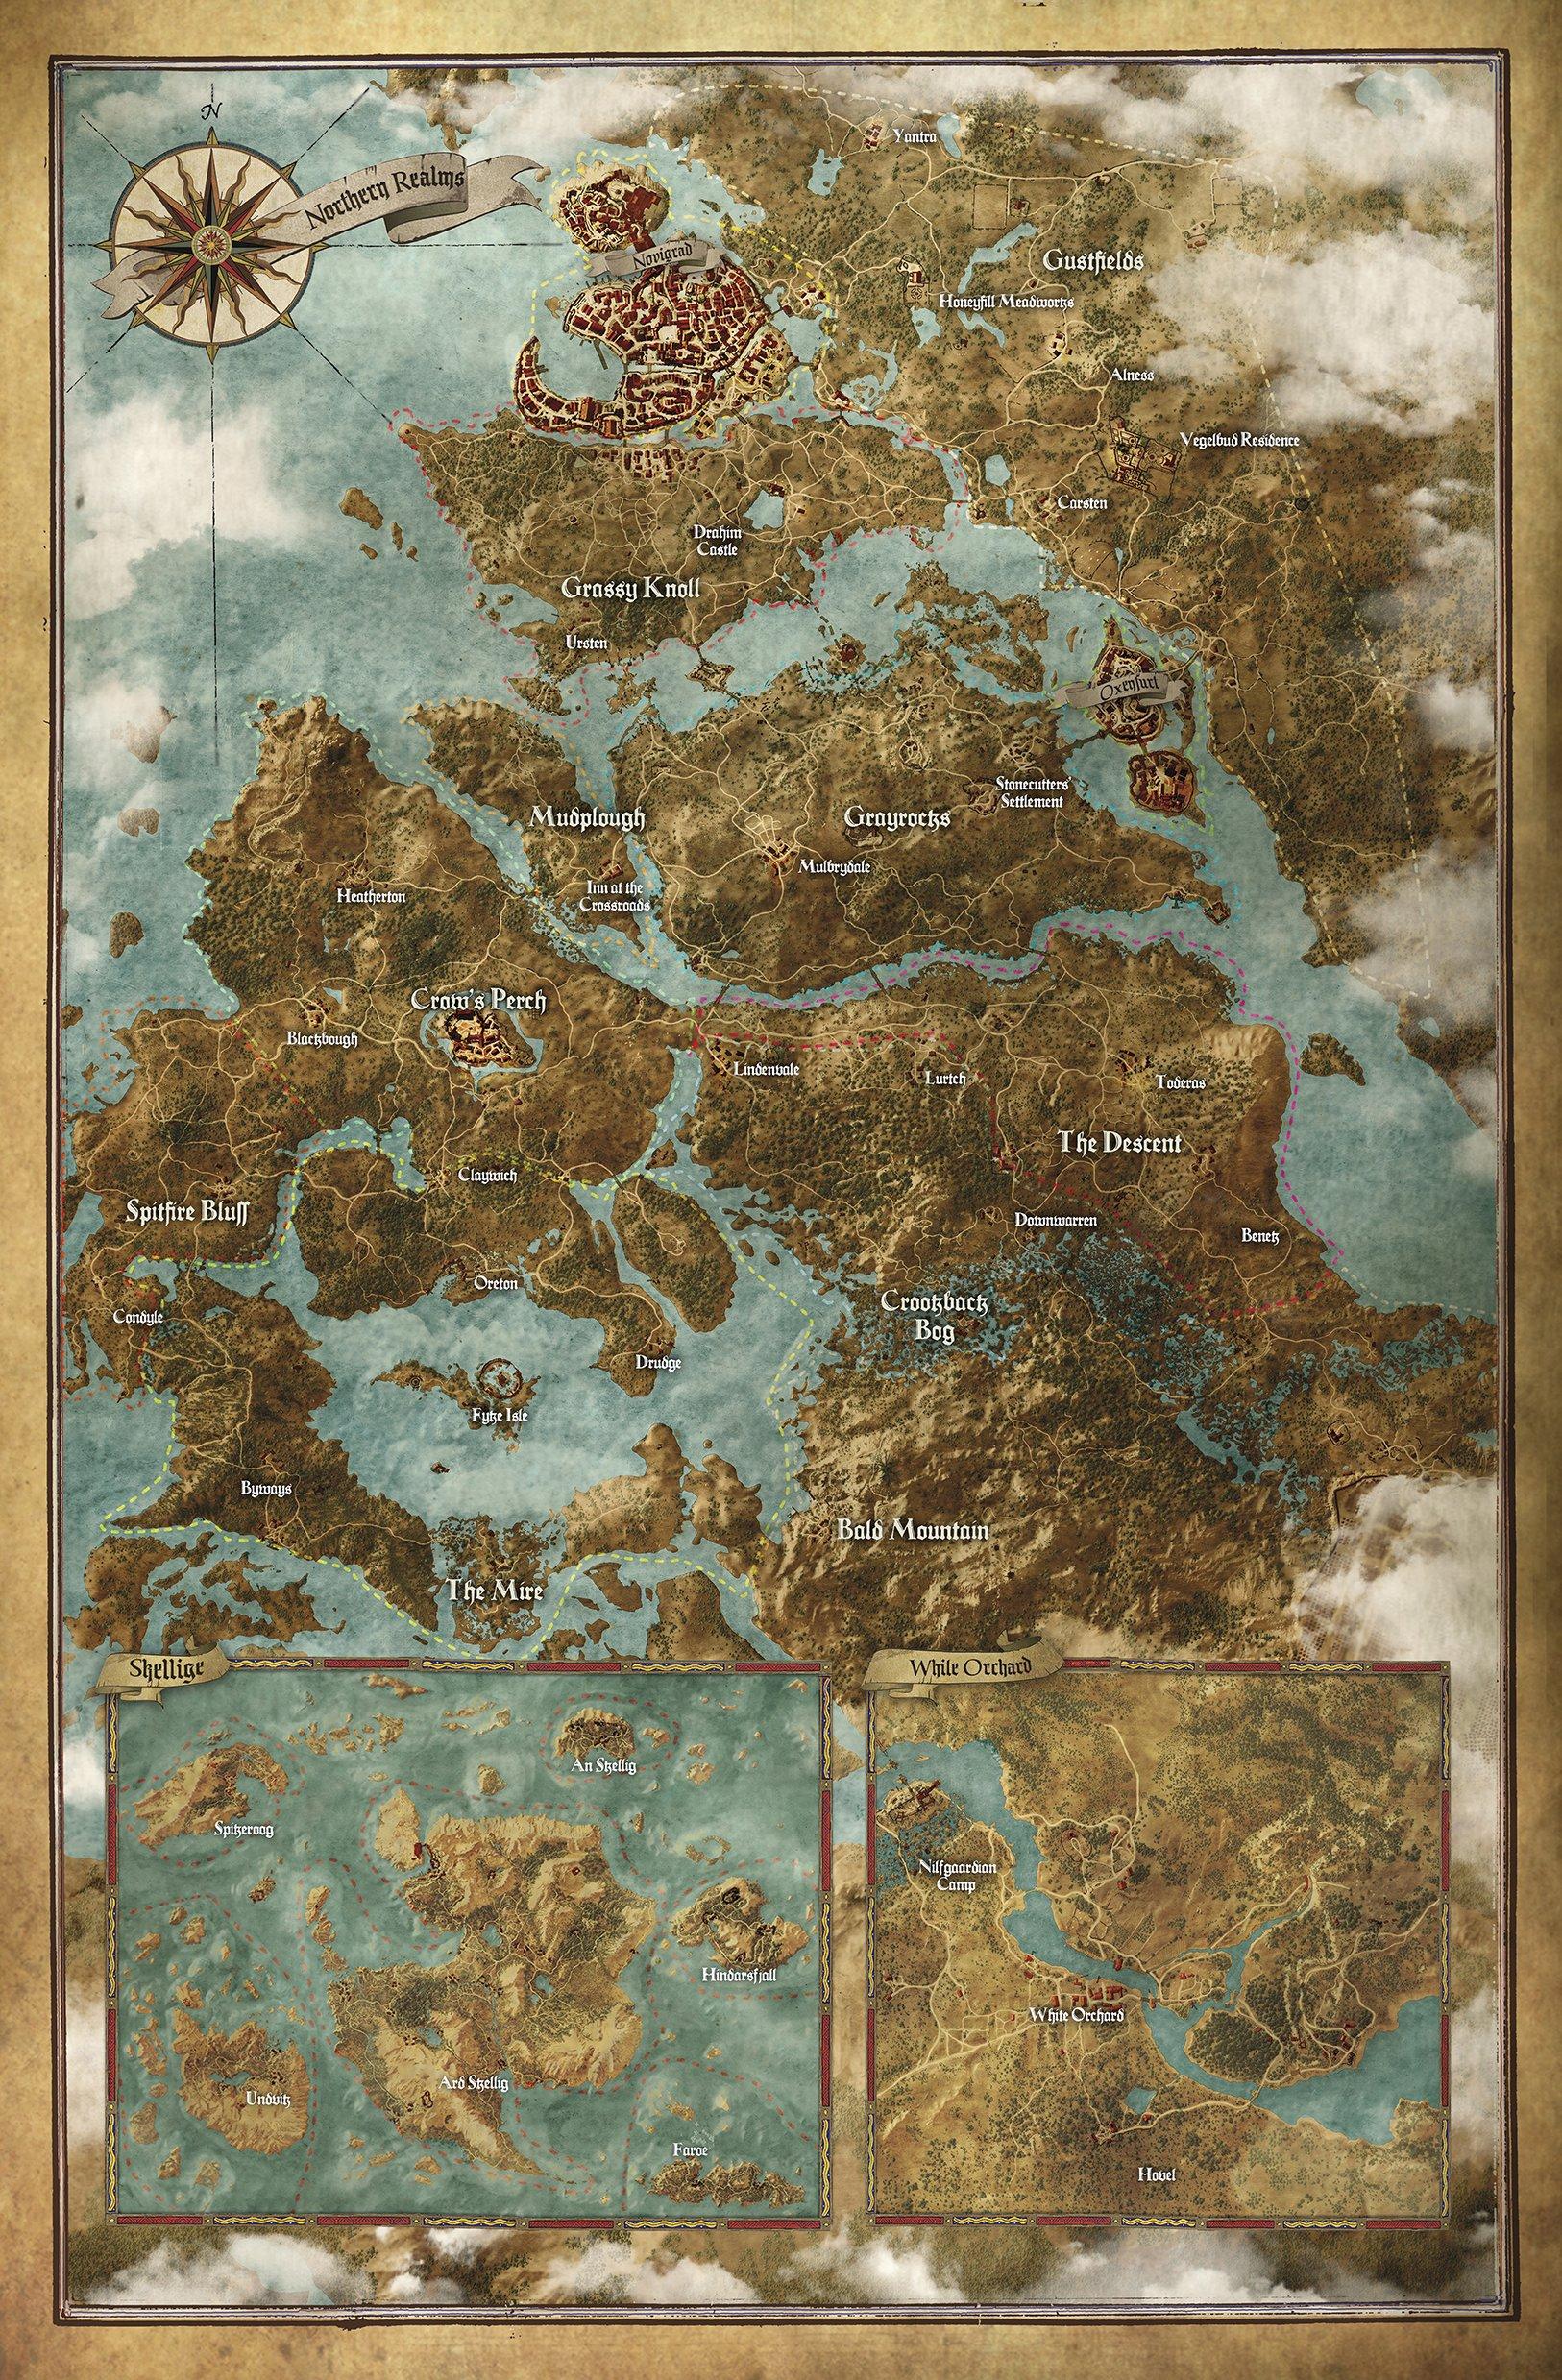 The Witcher 3: Wild Hunt. Карта мира.  Ничего особенного, просто карта огромного игрового мира.    #RВедьмак.  - Изображение 1